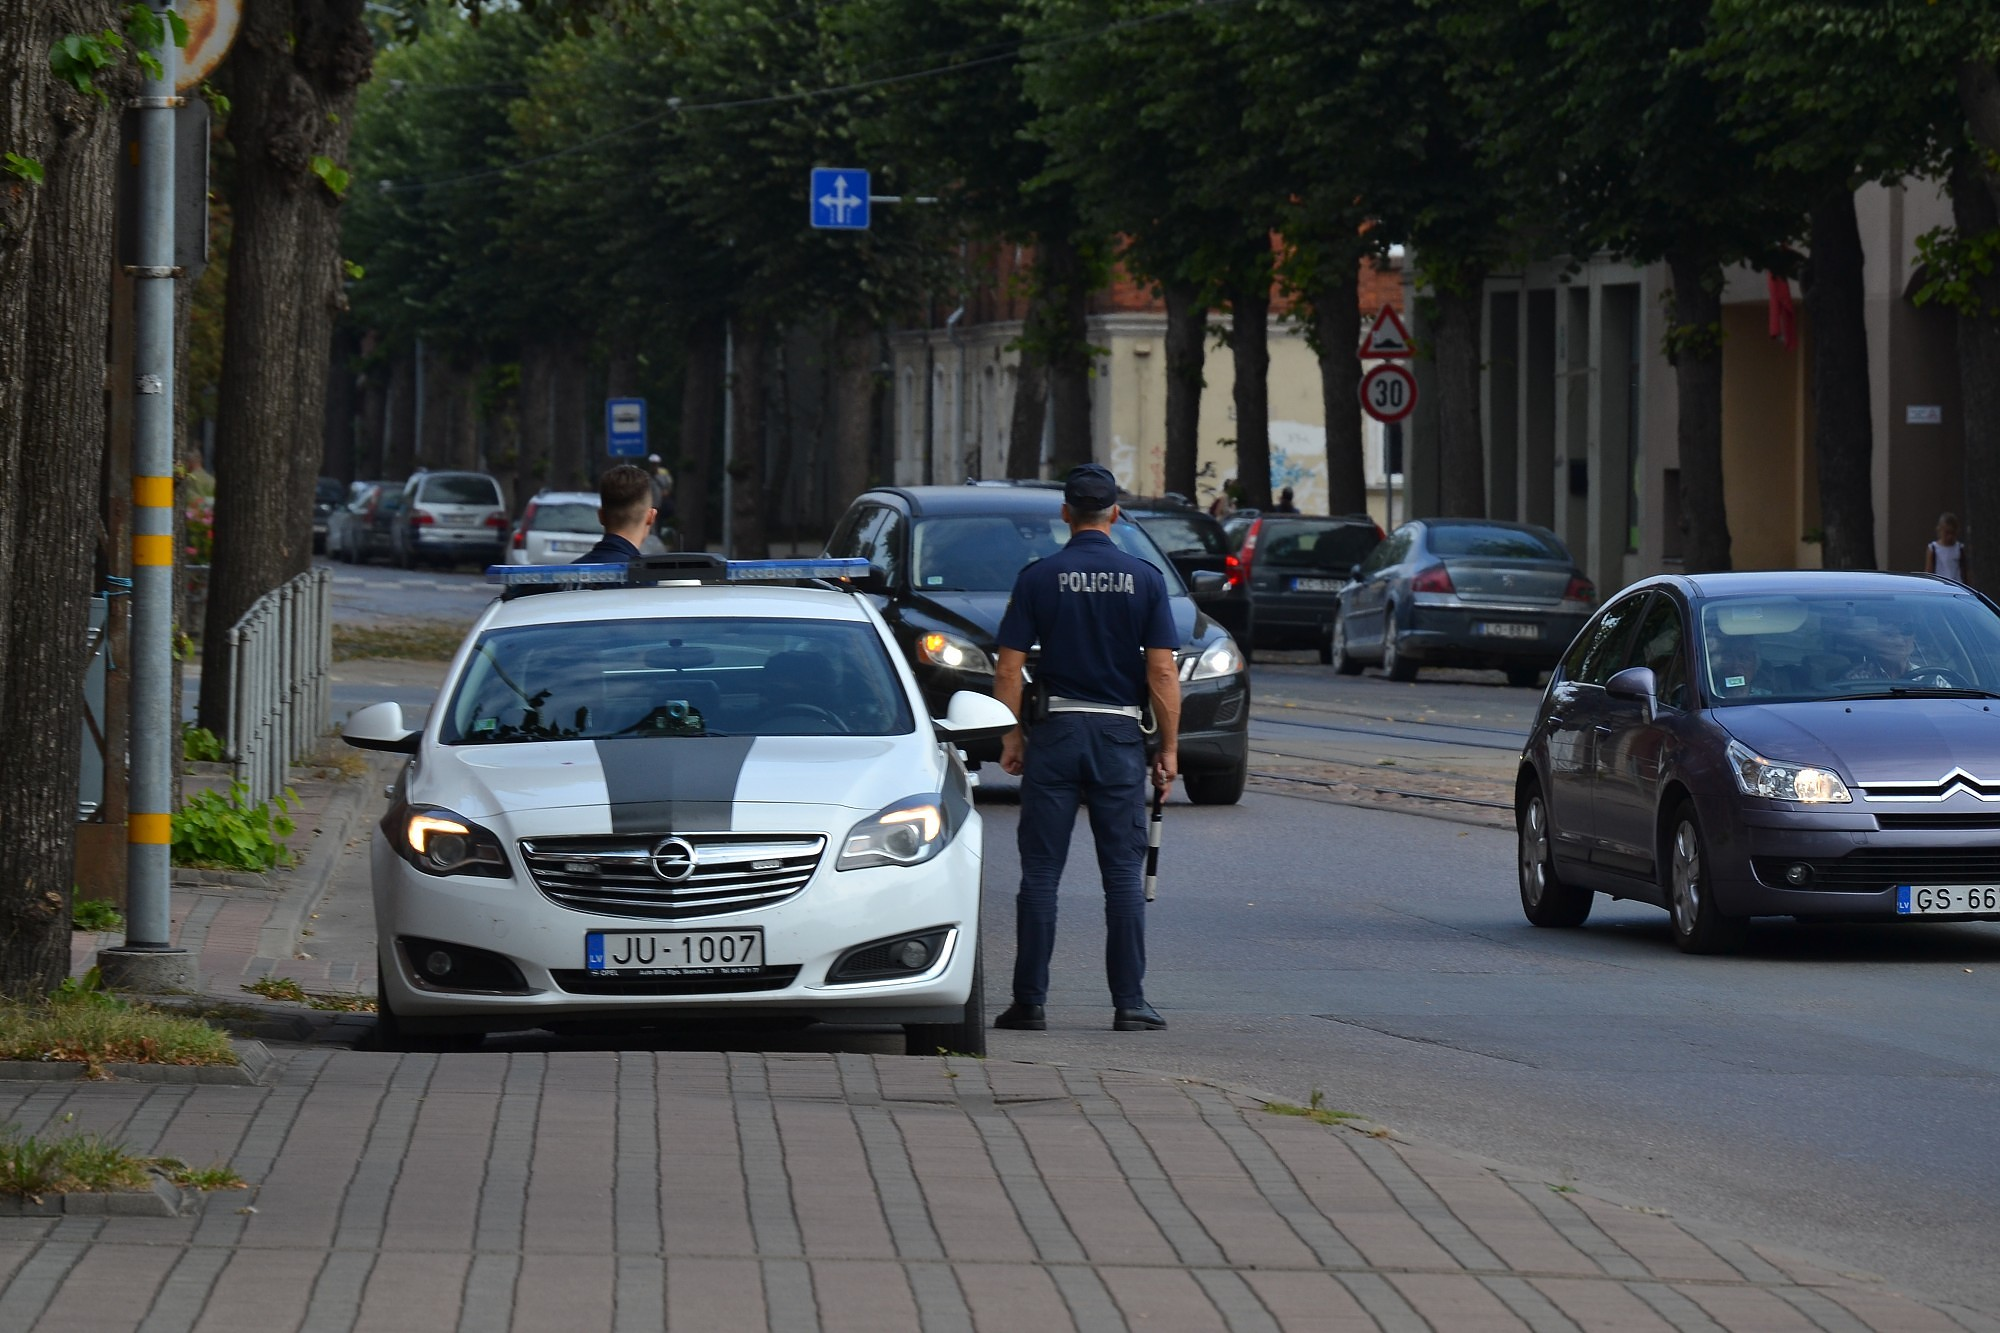 Дорожных полицейских оснастят видеокамерами на одежду